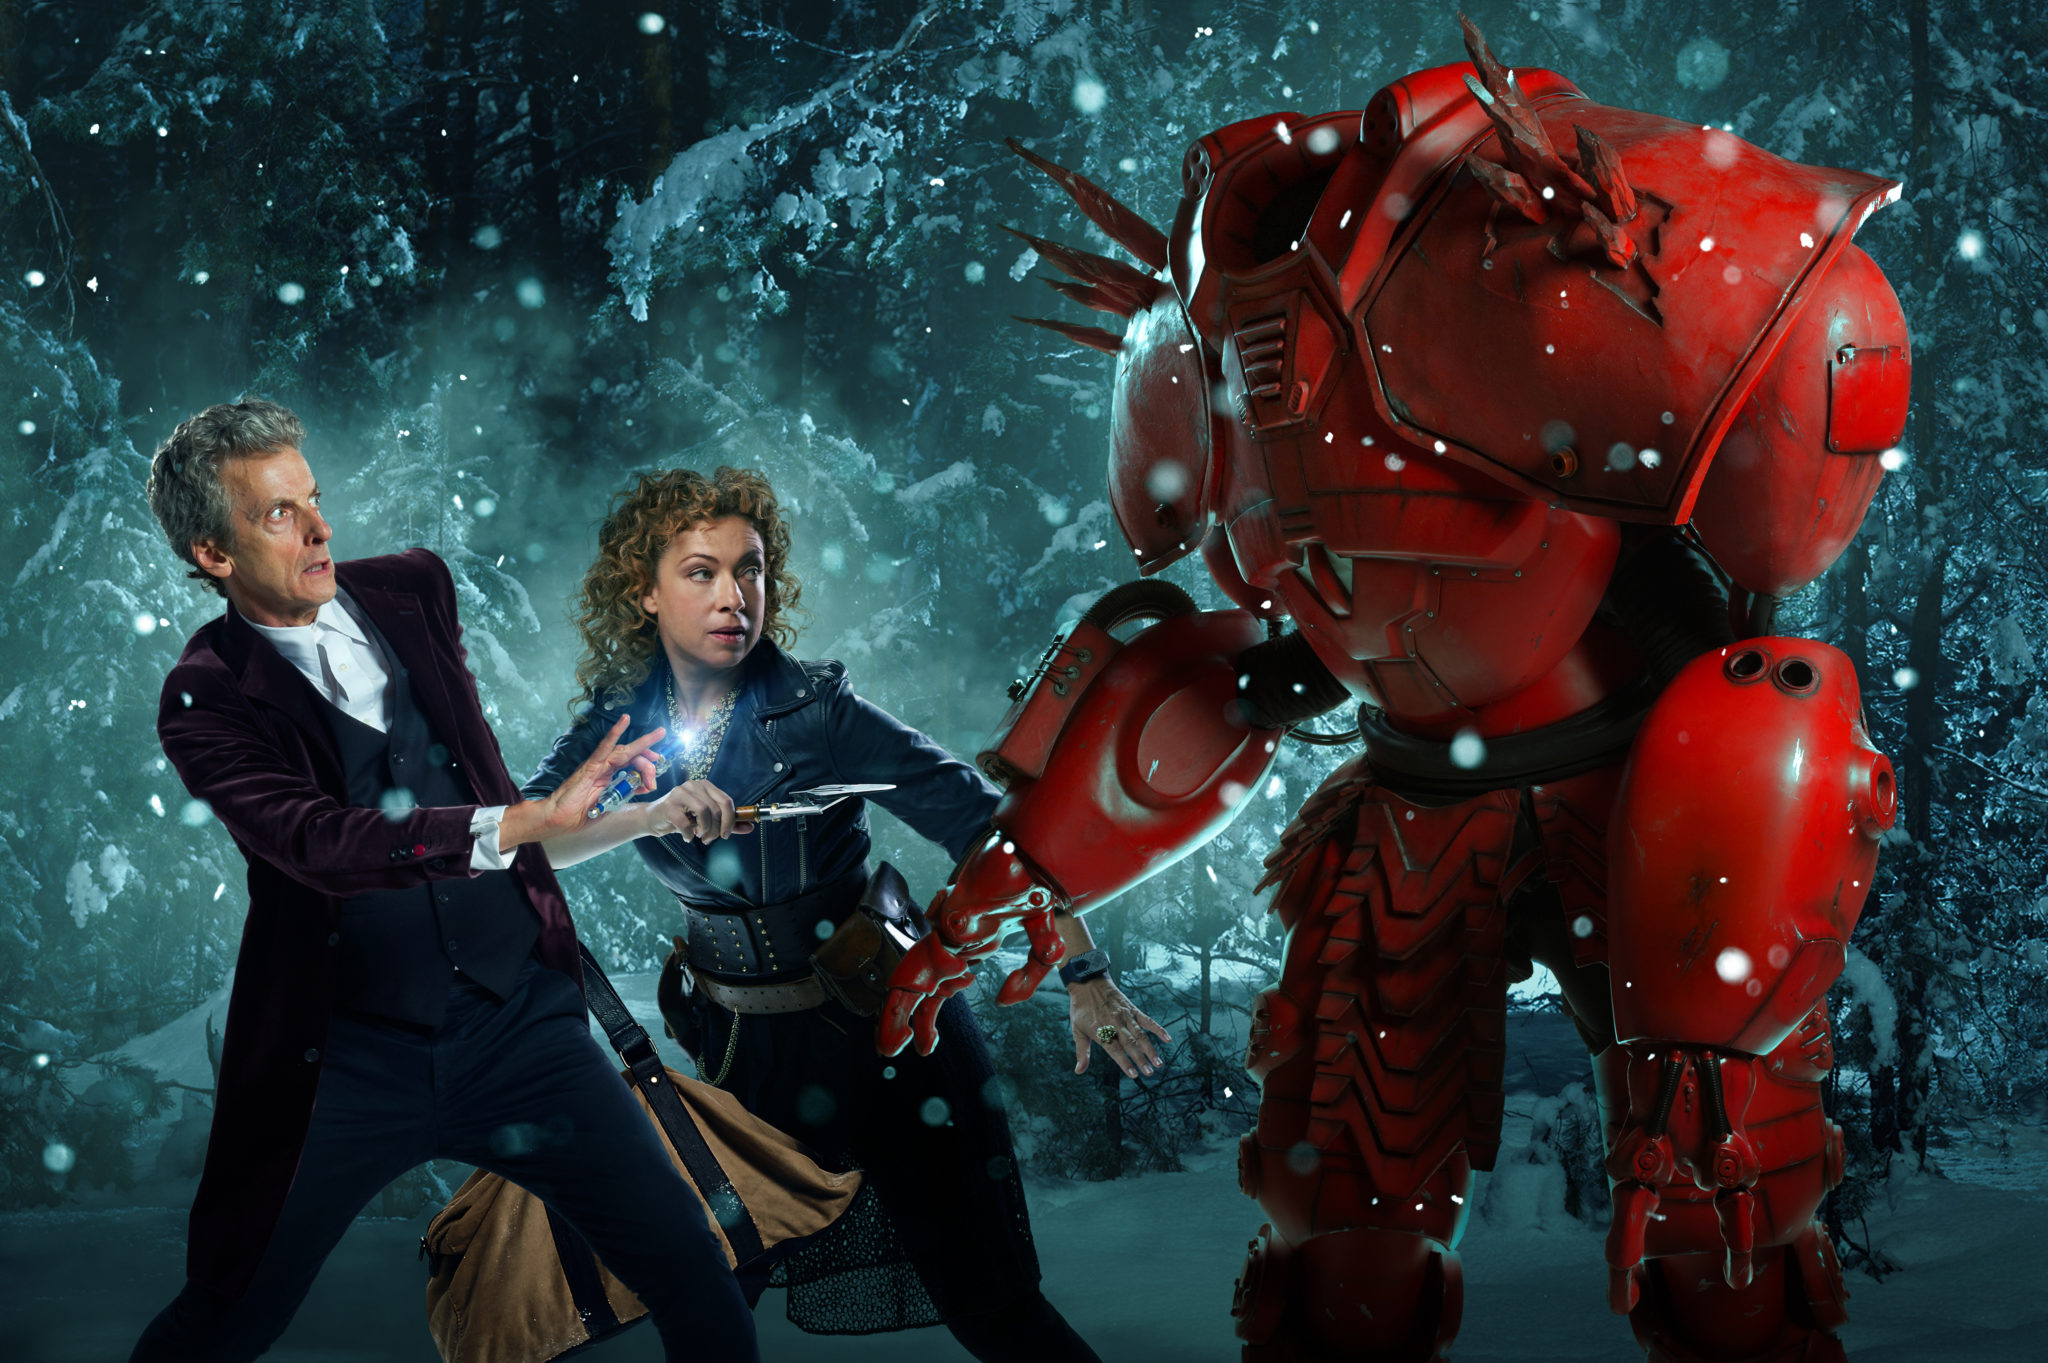 Zu Weihnachten kommt ein Mann ganz in Rot gekleidet (Peter Capaldi als der Doctor, Alex Kingston als River Song sowie Hydroflax, Foto: Polyband/BBC)